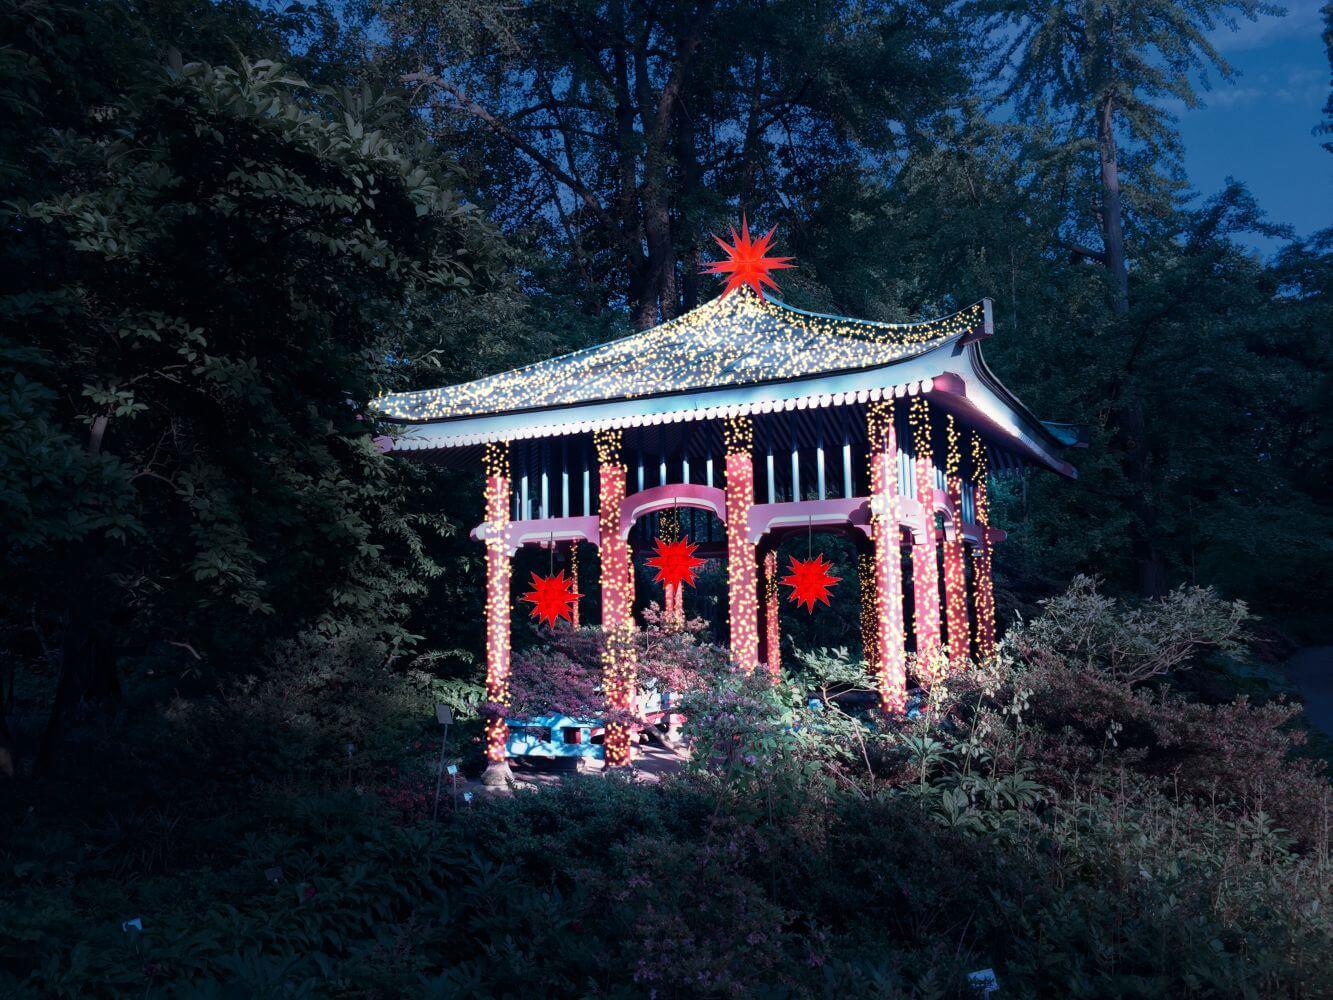 Christmas Garden Berlin: Der Botanische Garten wird zum weihnachtlichen Märchenland